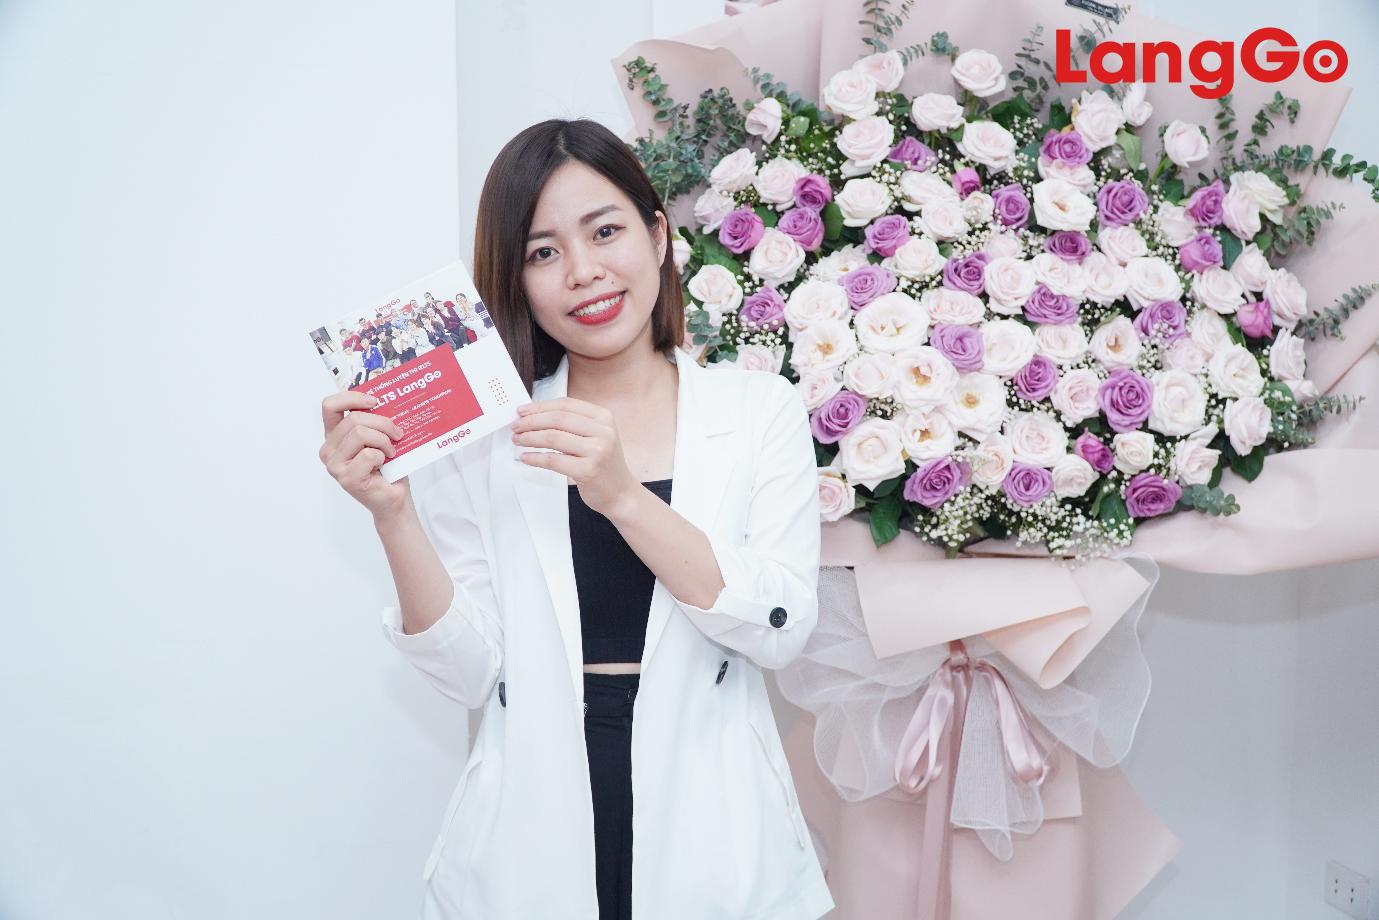 """Cô giáo Diệu Hoa: """"Bông hoa diệu kỳ"""" của trung tâm IELTS LangGo - Ảnh 2."""